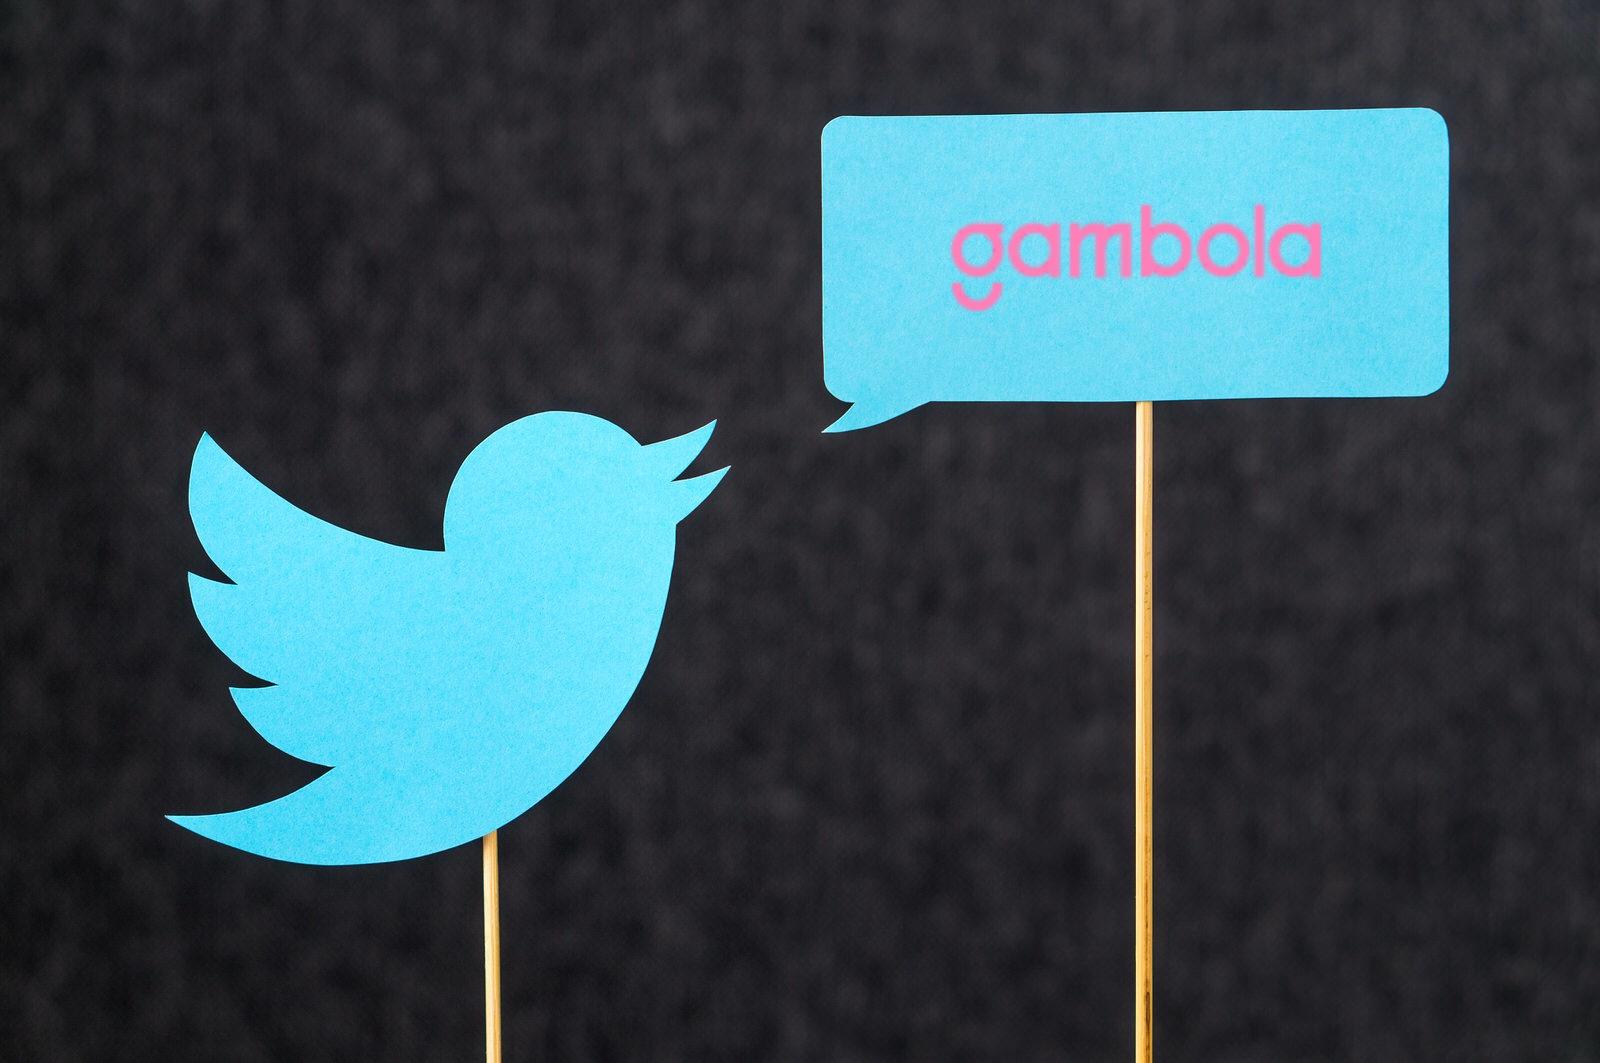 ギャンボラが公式Twitterを開始|マル秘キャンペーンも企画中